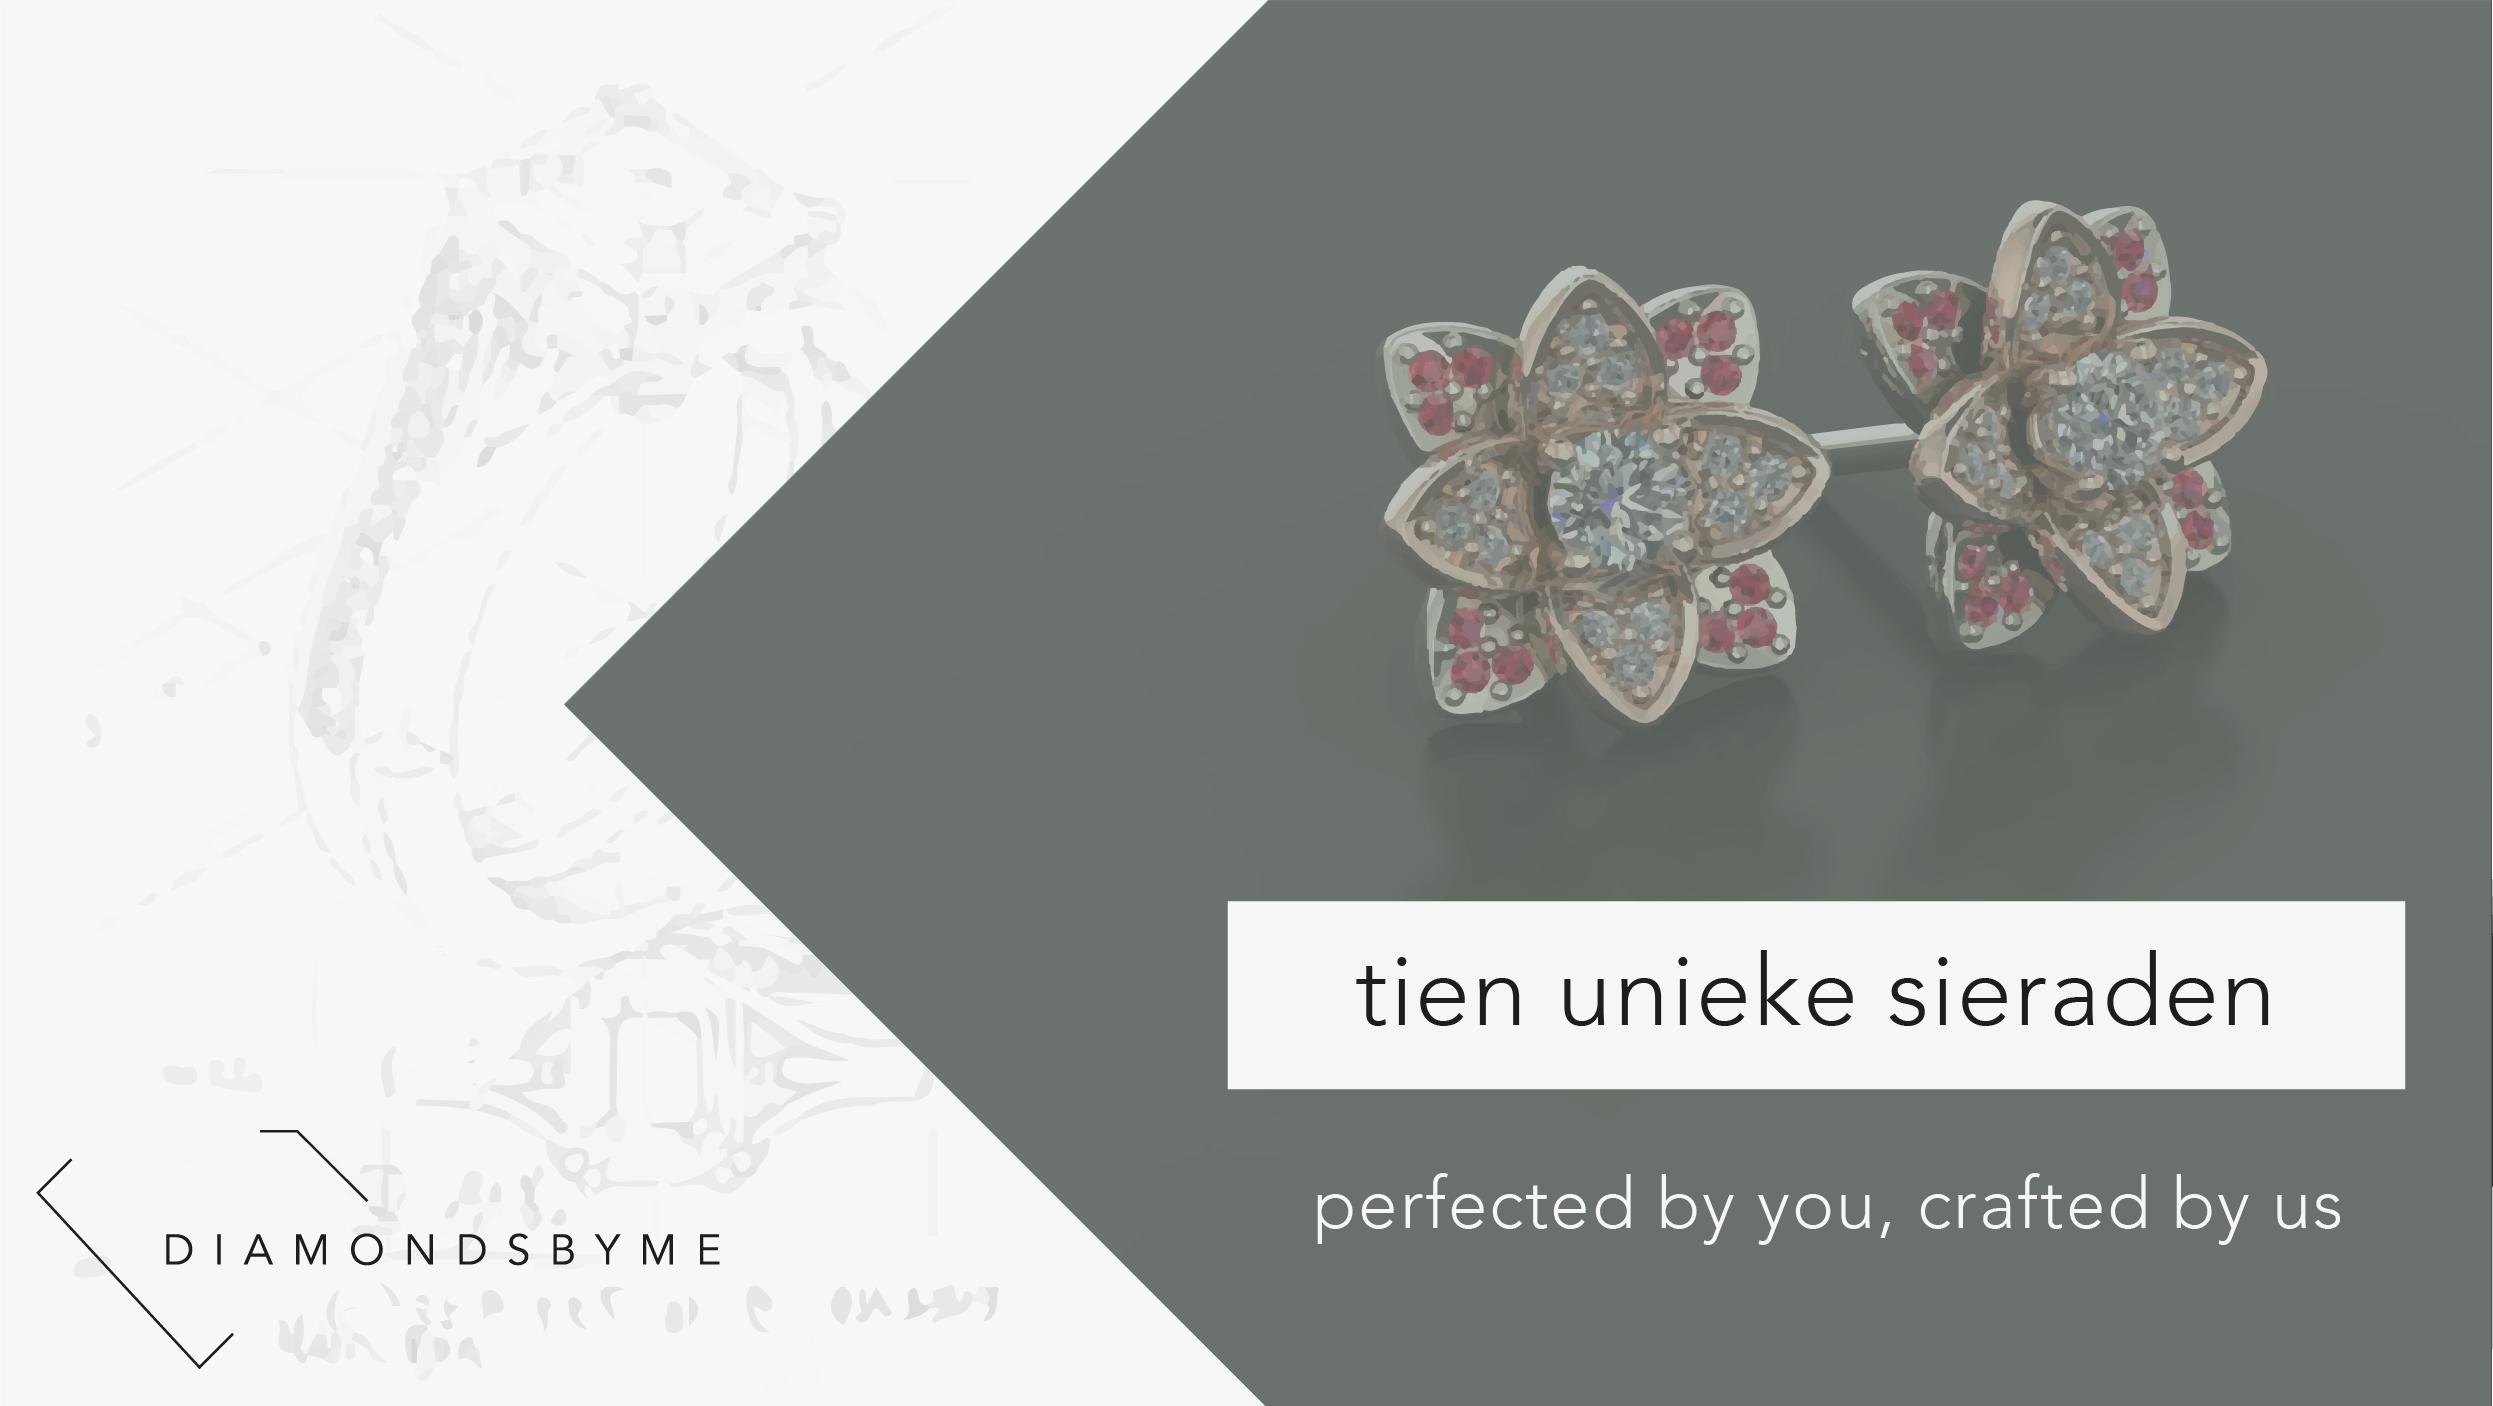 Featured image- 10x unieke sieraden